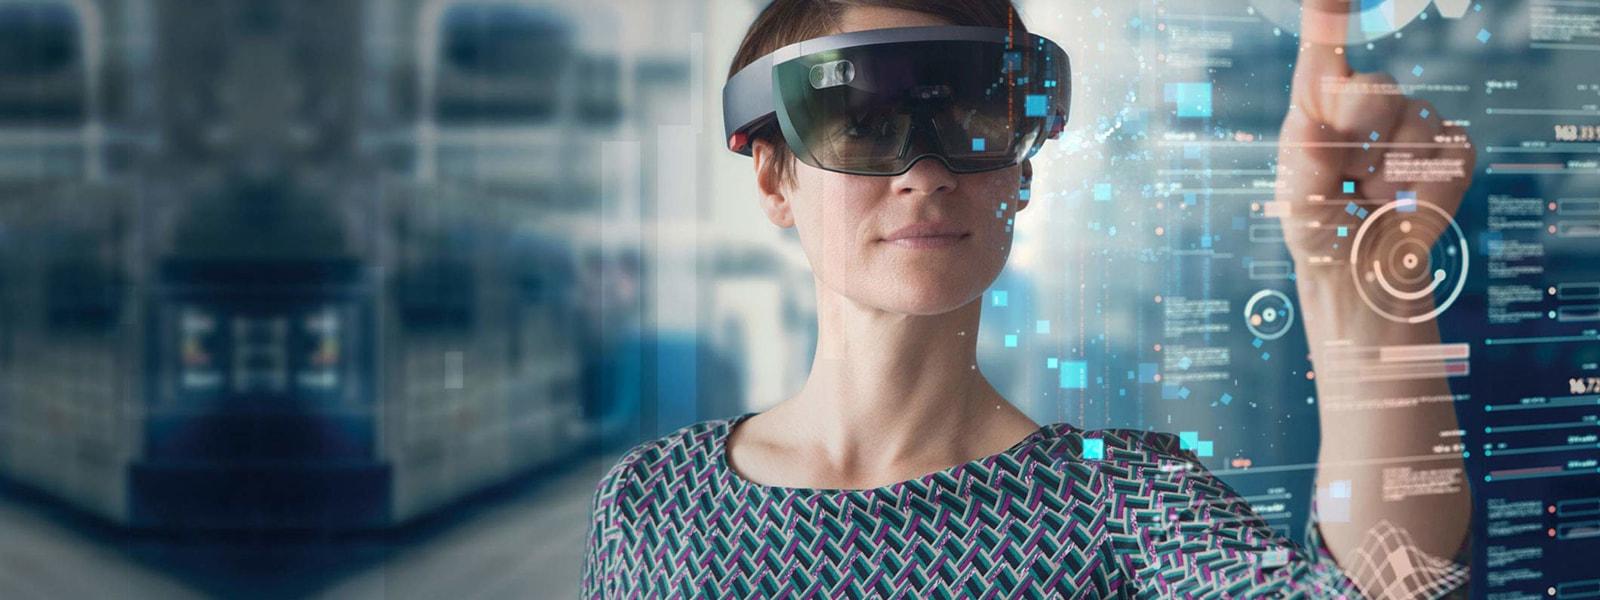 Женщина в HoloLens